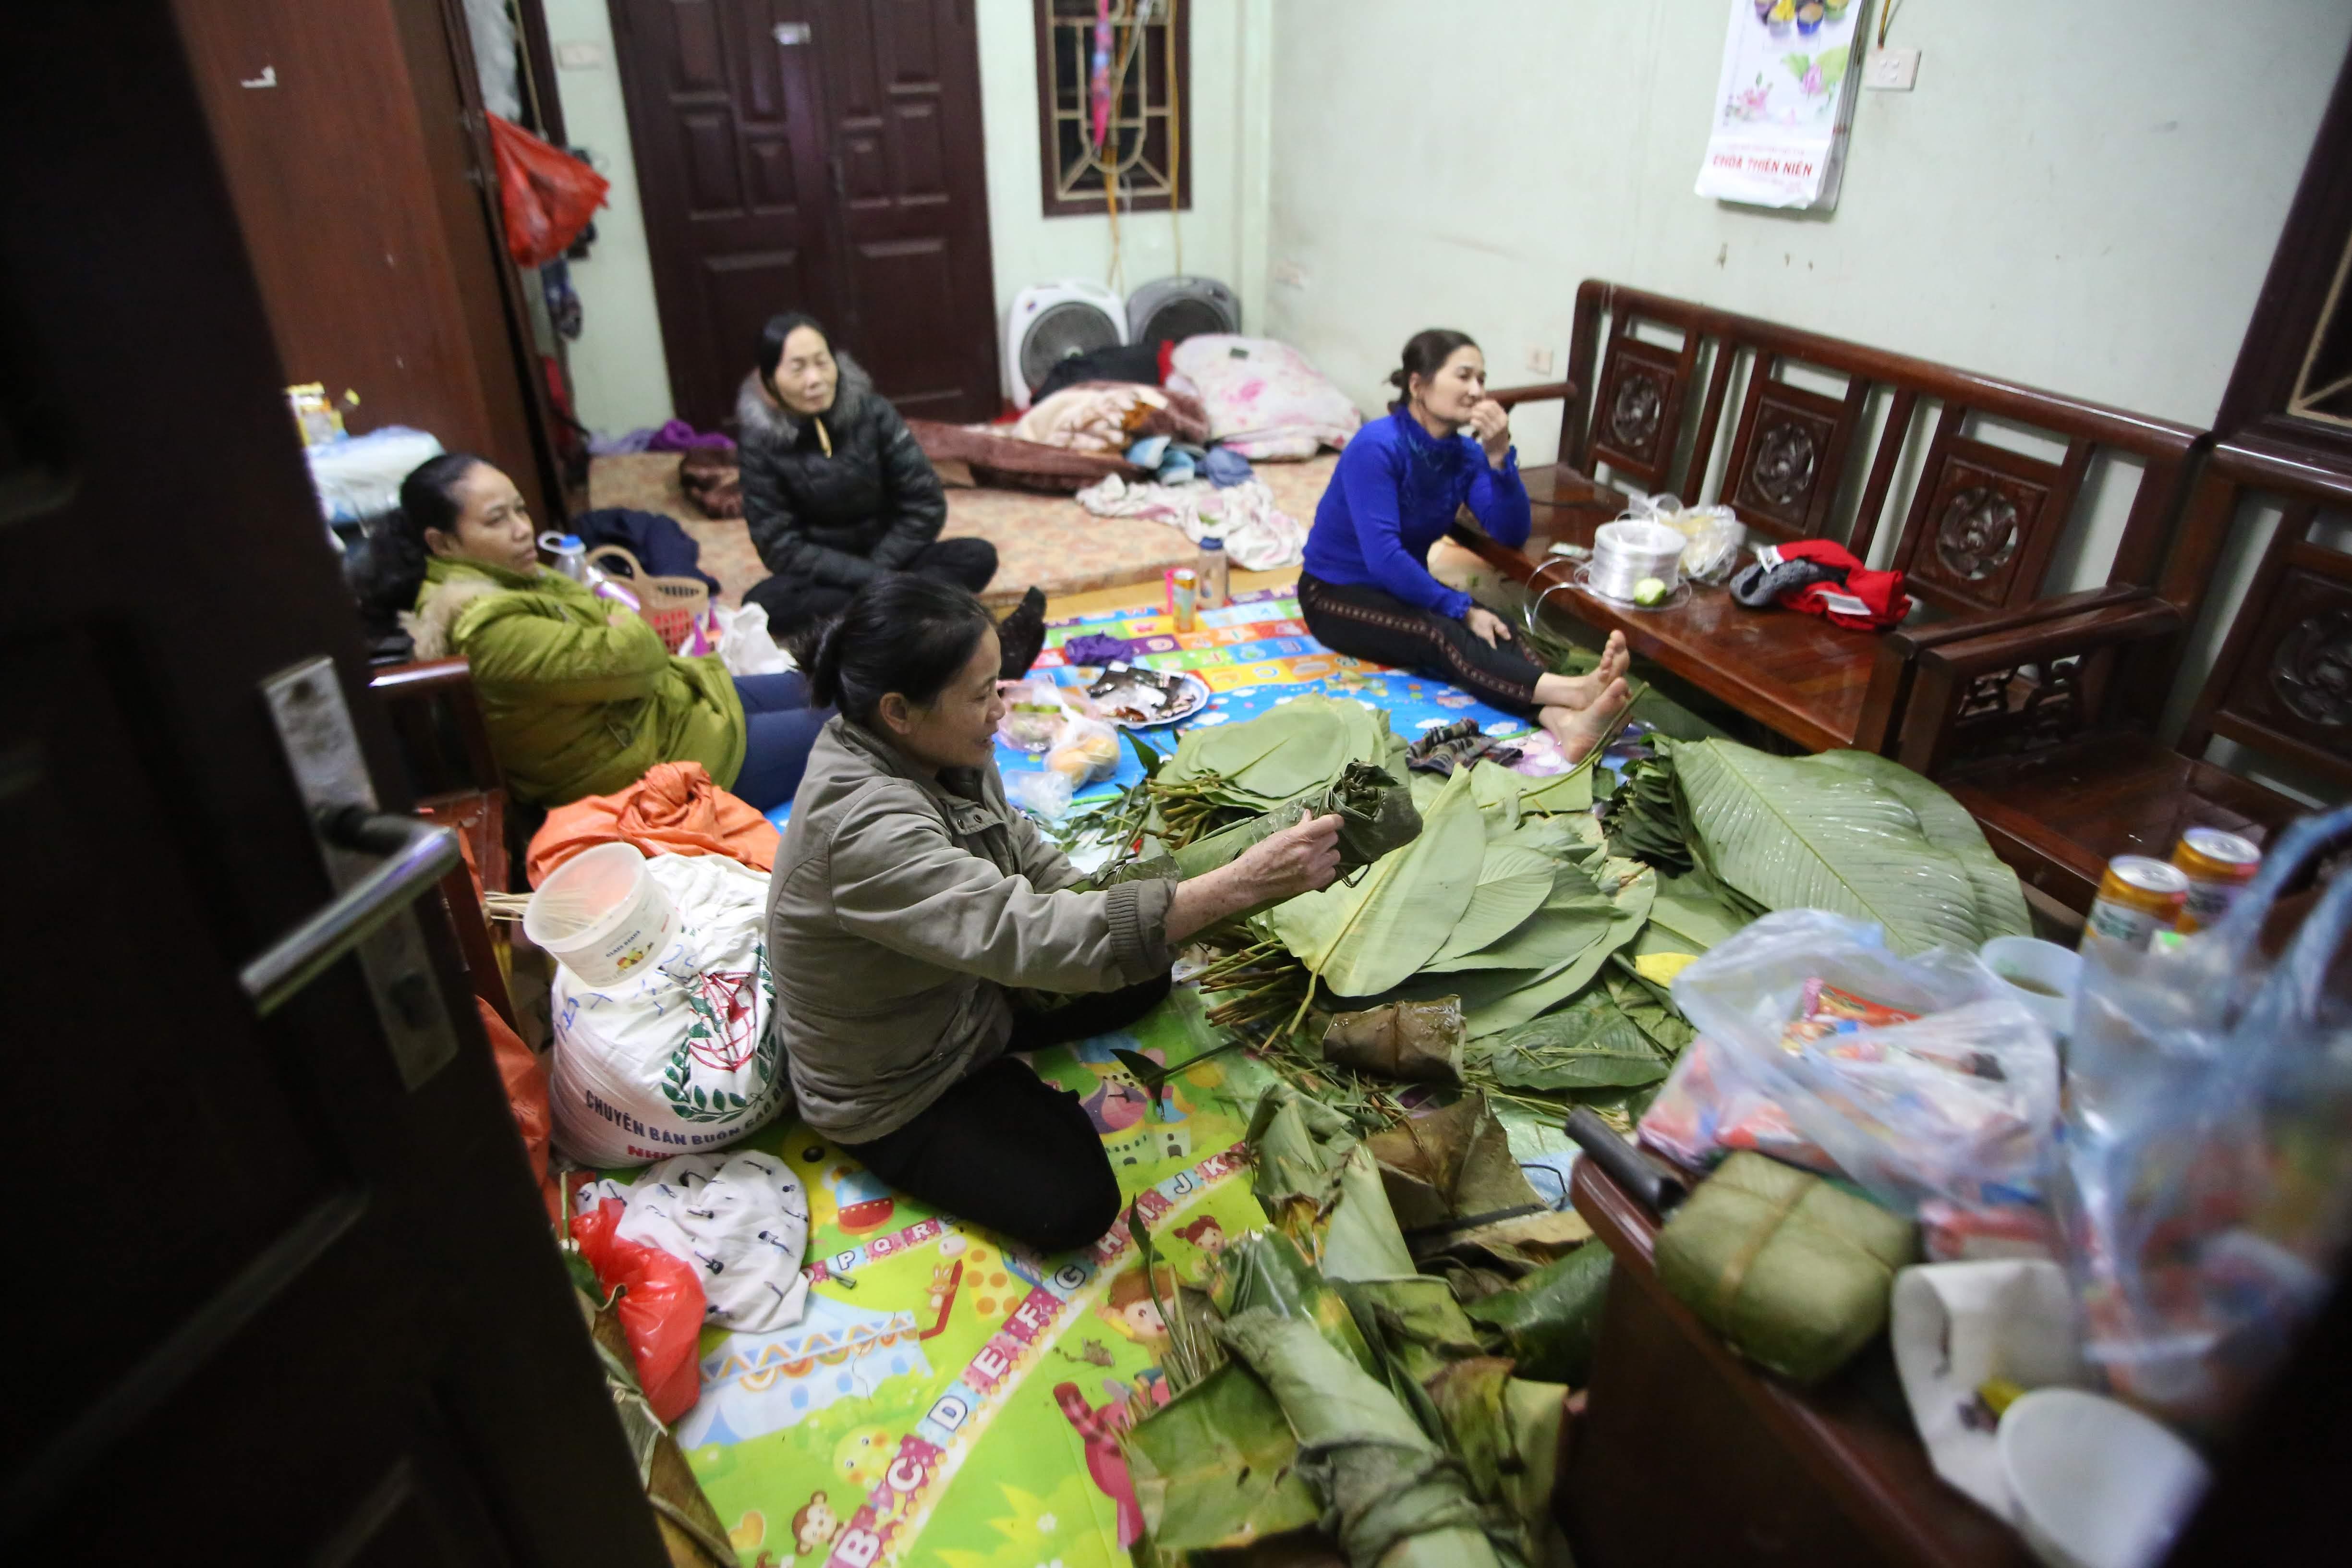 Vào những ngày cận Tết, khi phần lớn người dân đã lên đường trở về quê nhà đón Tết, những người ở lại Hà Nội bắt đầu gói cho mình những chiếc bánh trưng theo truyền thống từ thời cha ông.